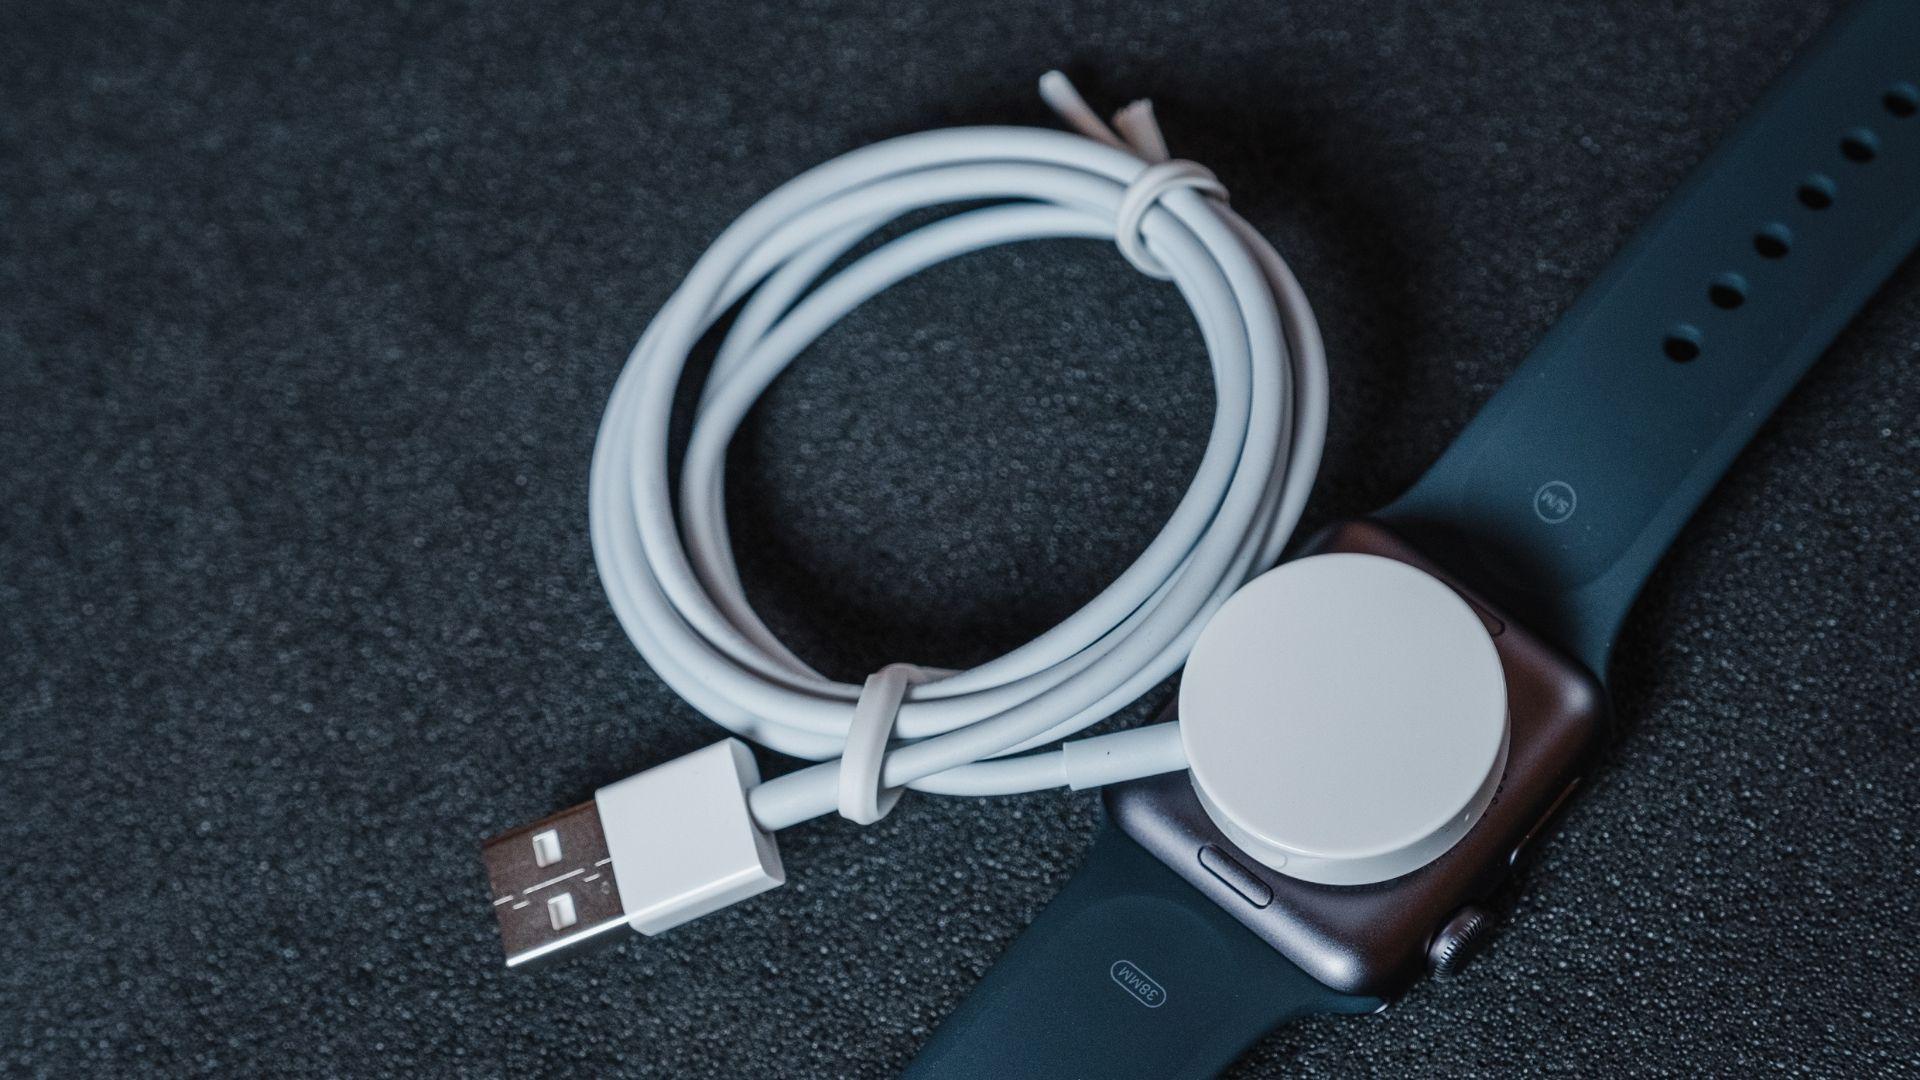 Carregador magnético do Apple Watch 3 conectado ao relógio em um fundo cinza